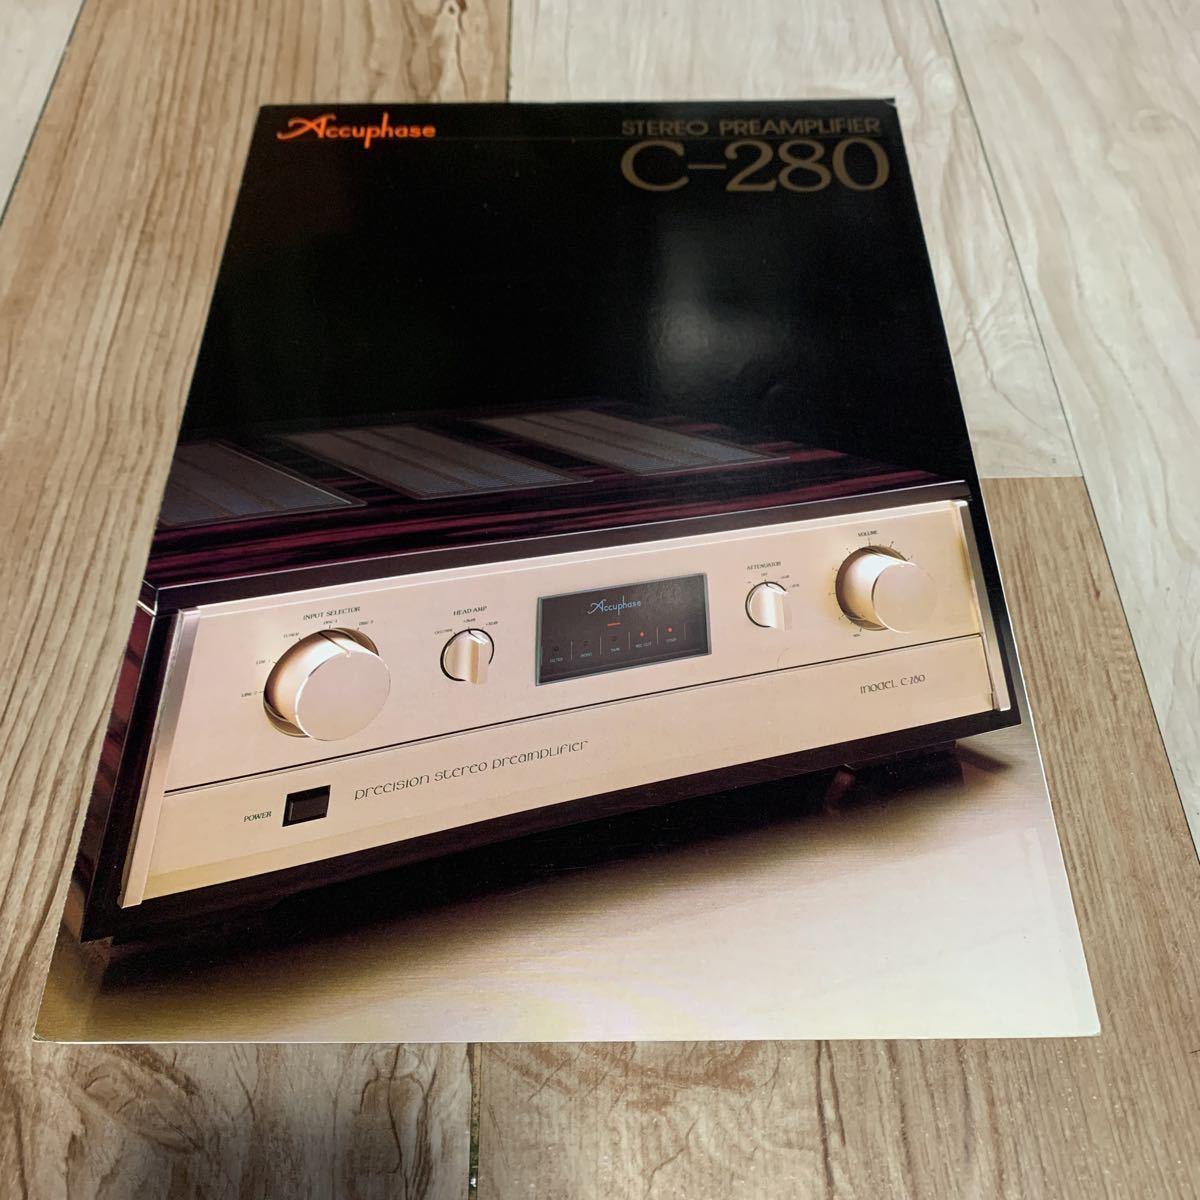 Accuphase アキュフェーズ ステレオプリアンプC-280 オリジナルカタログ_画像1